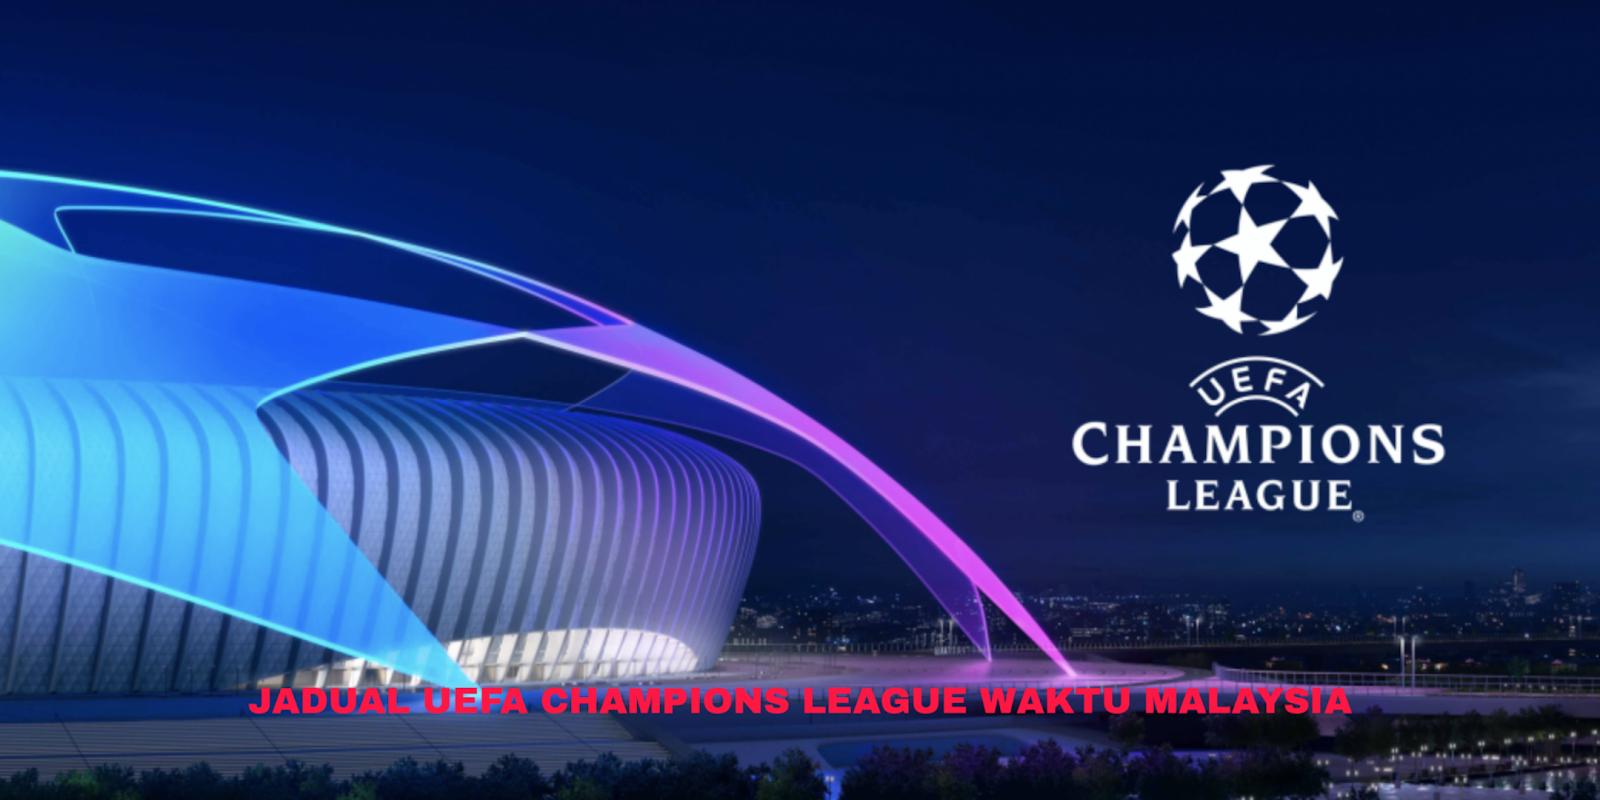 Jadual UEFA Champions League 2019/2020 Waktu Malaysia